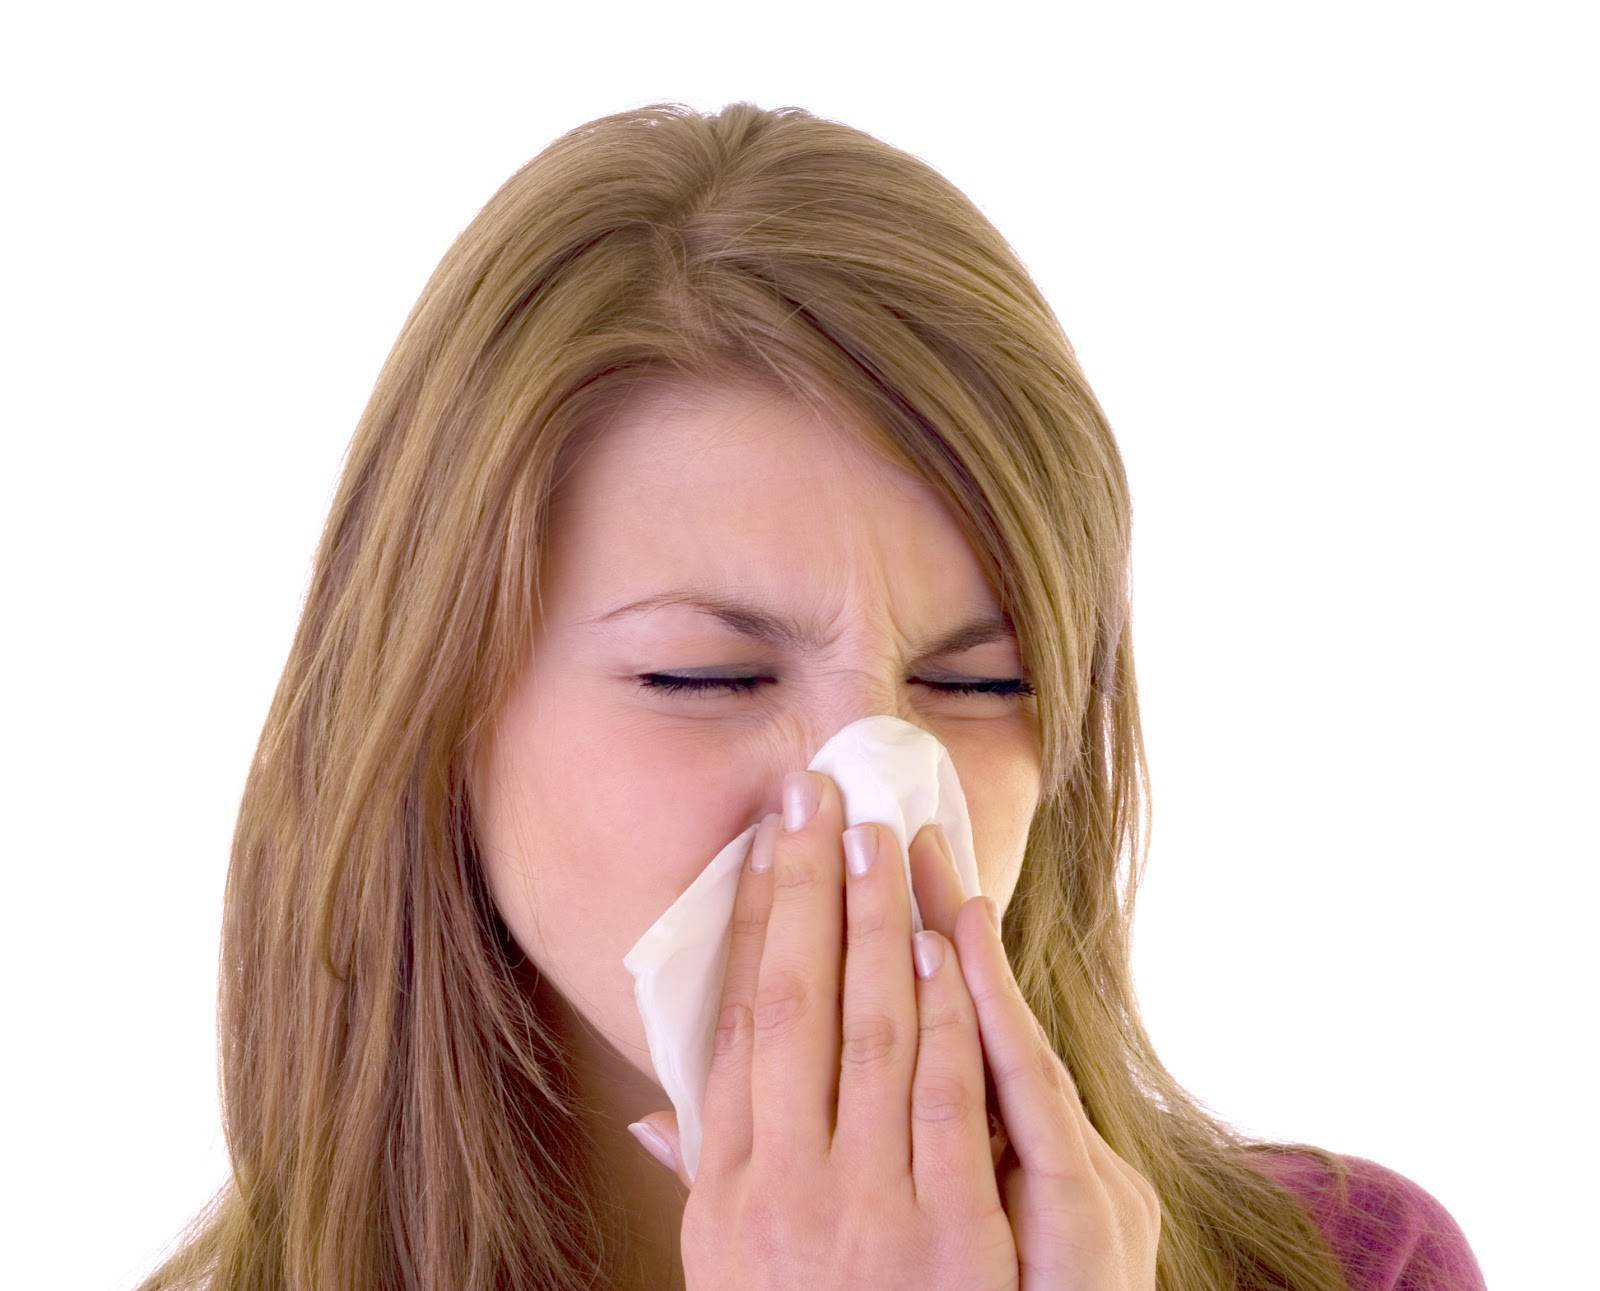 Как правильно диагностировать и лечить инфекционный насморк: секреты лора